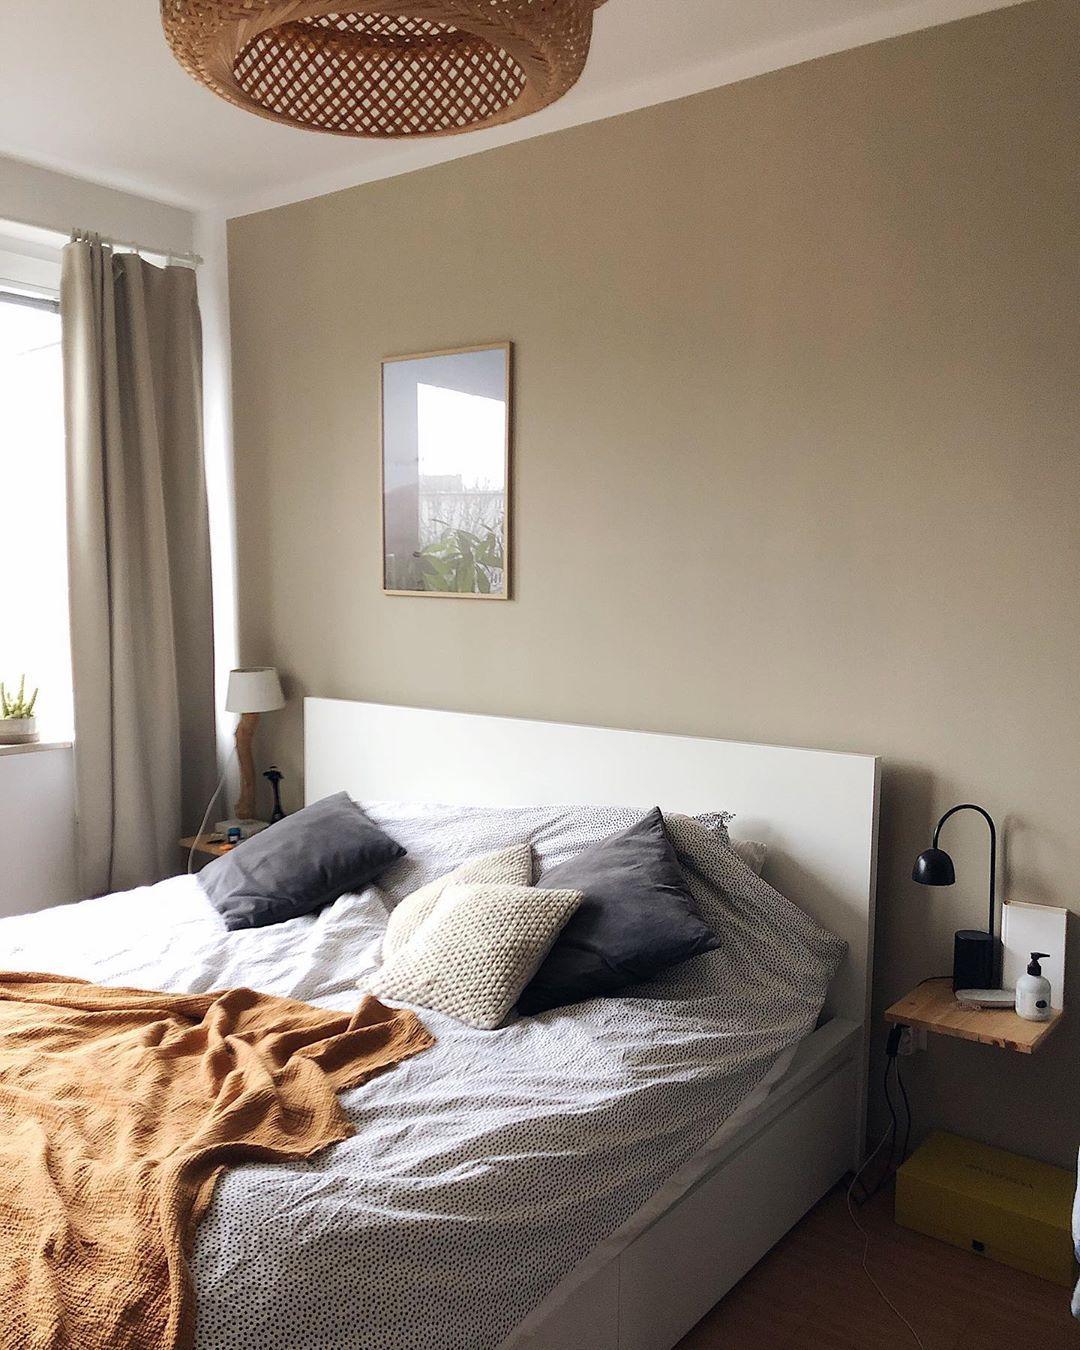 Mira Mirror Com Miiramirror Ikea Malm Bett Mit Diy Nachttisch